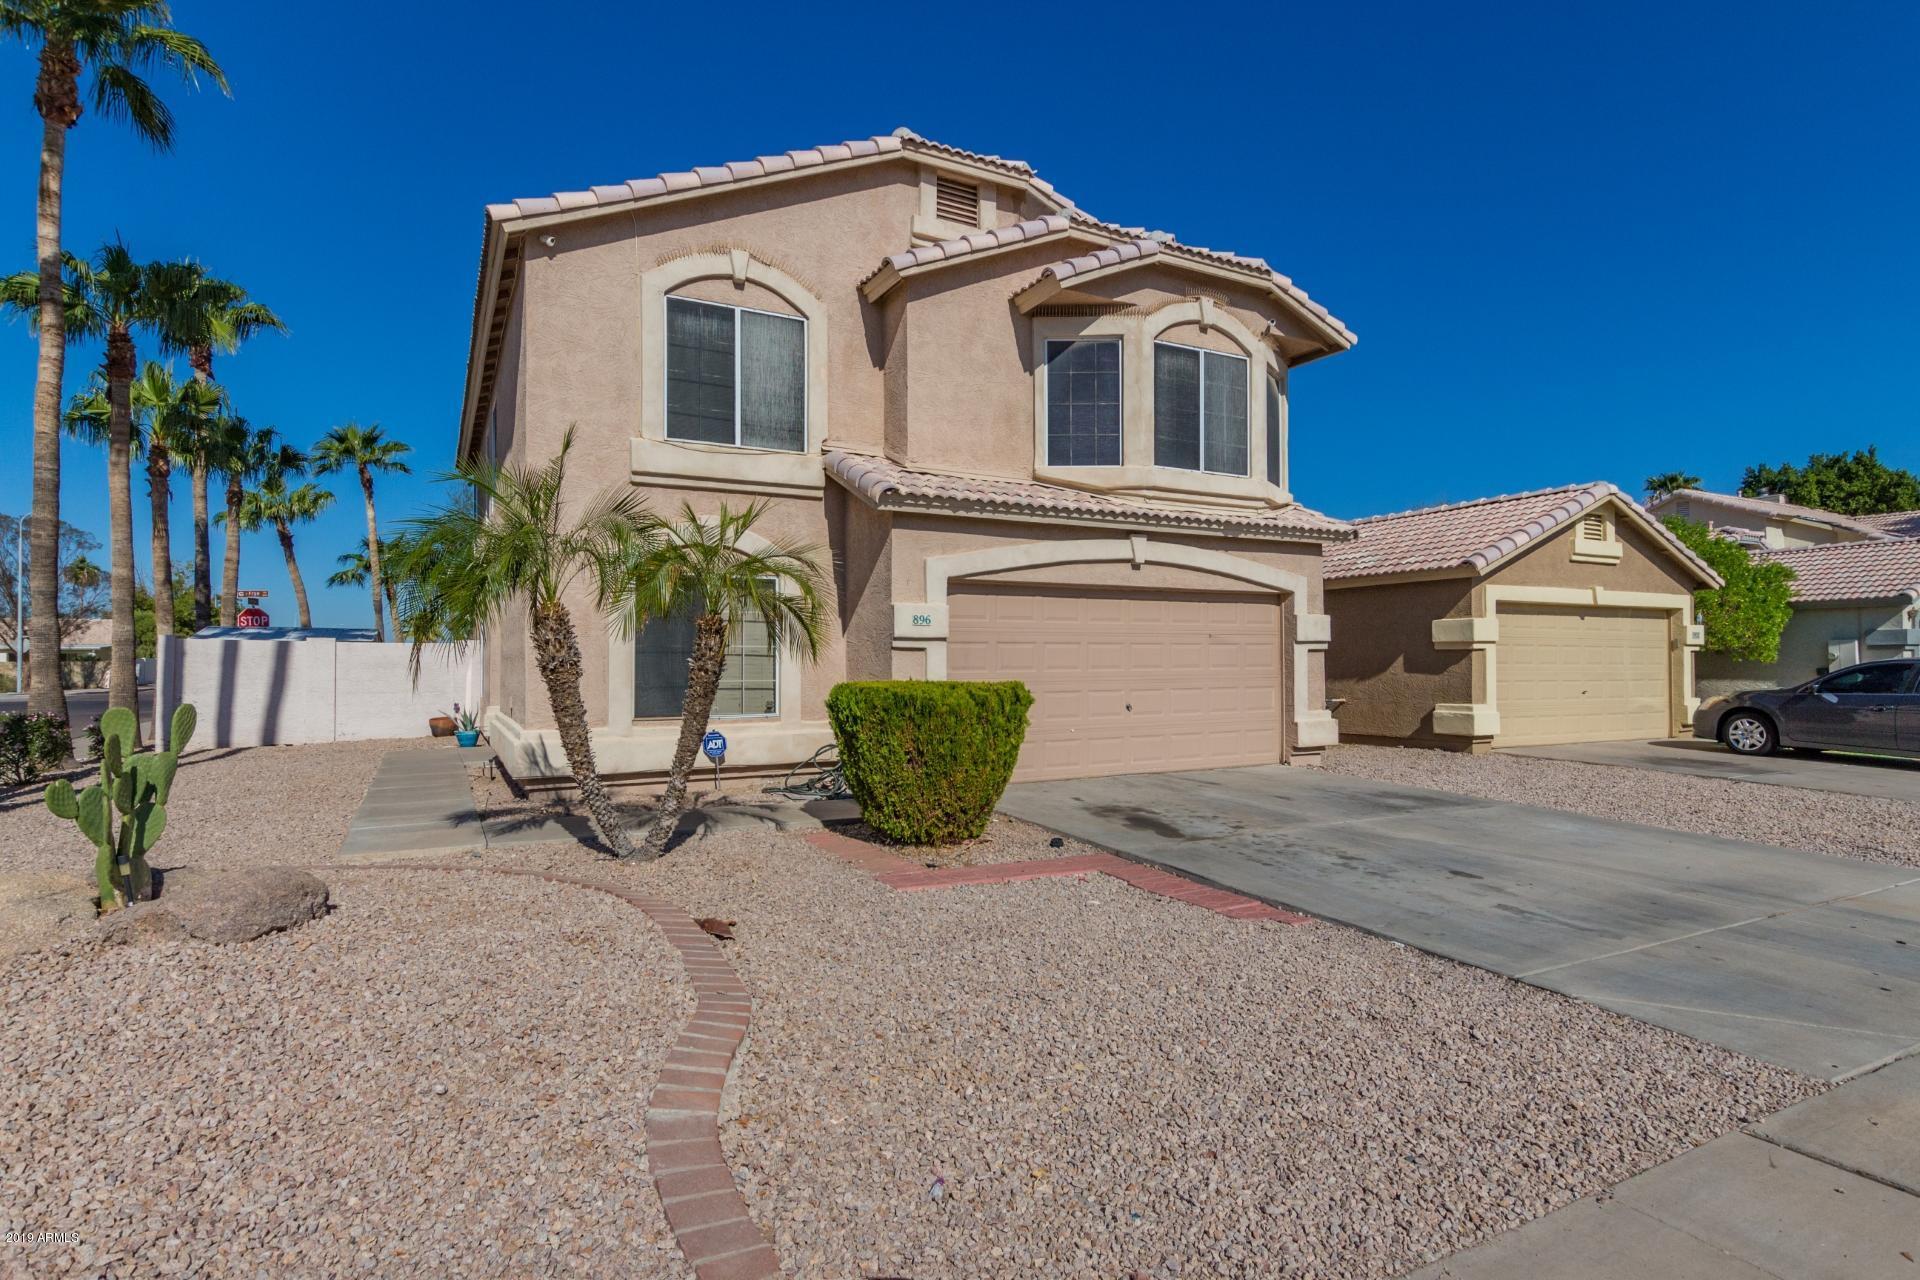 Photo of 896 E FOLLEY Street, Chandler, AZ 85225